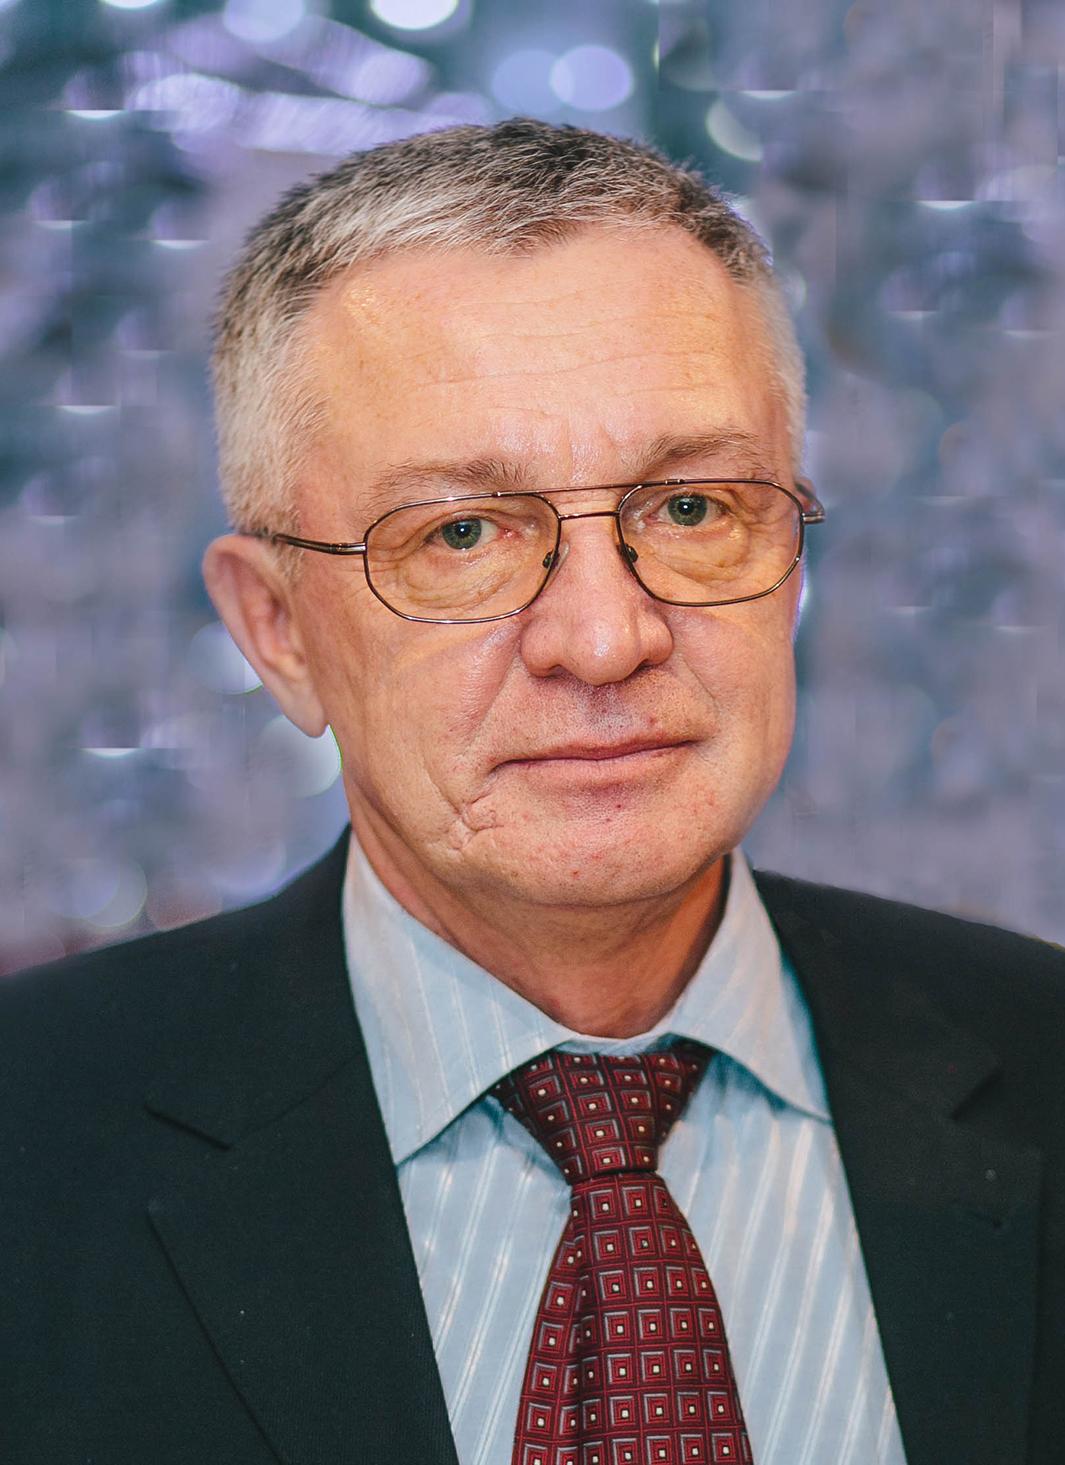 Смирнов Вадим Валерьевич